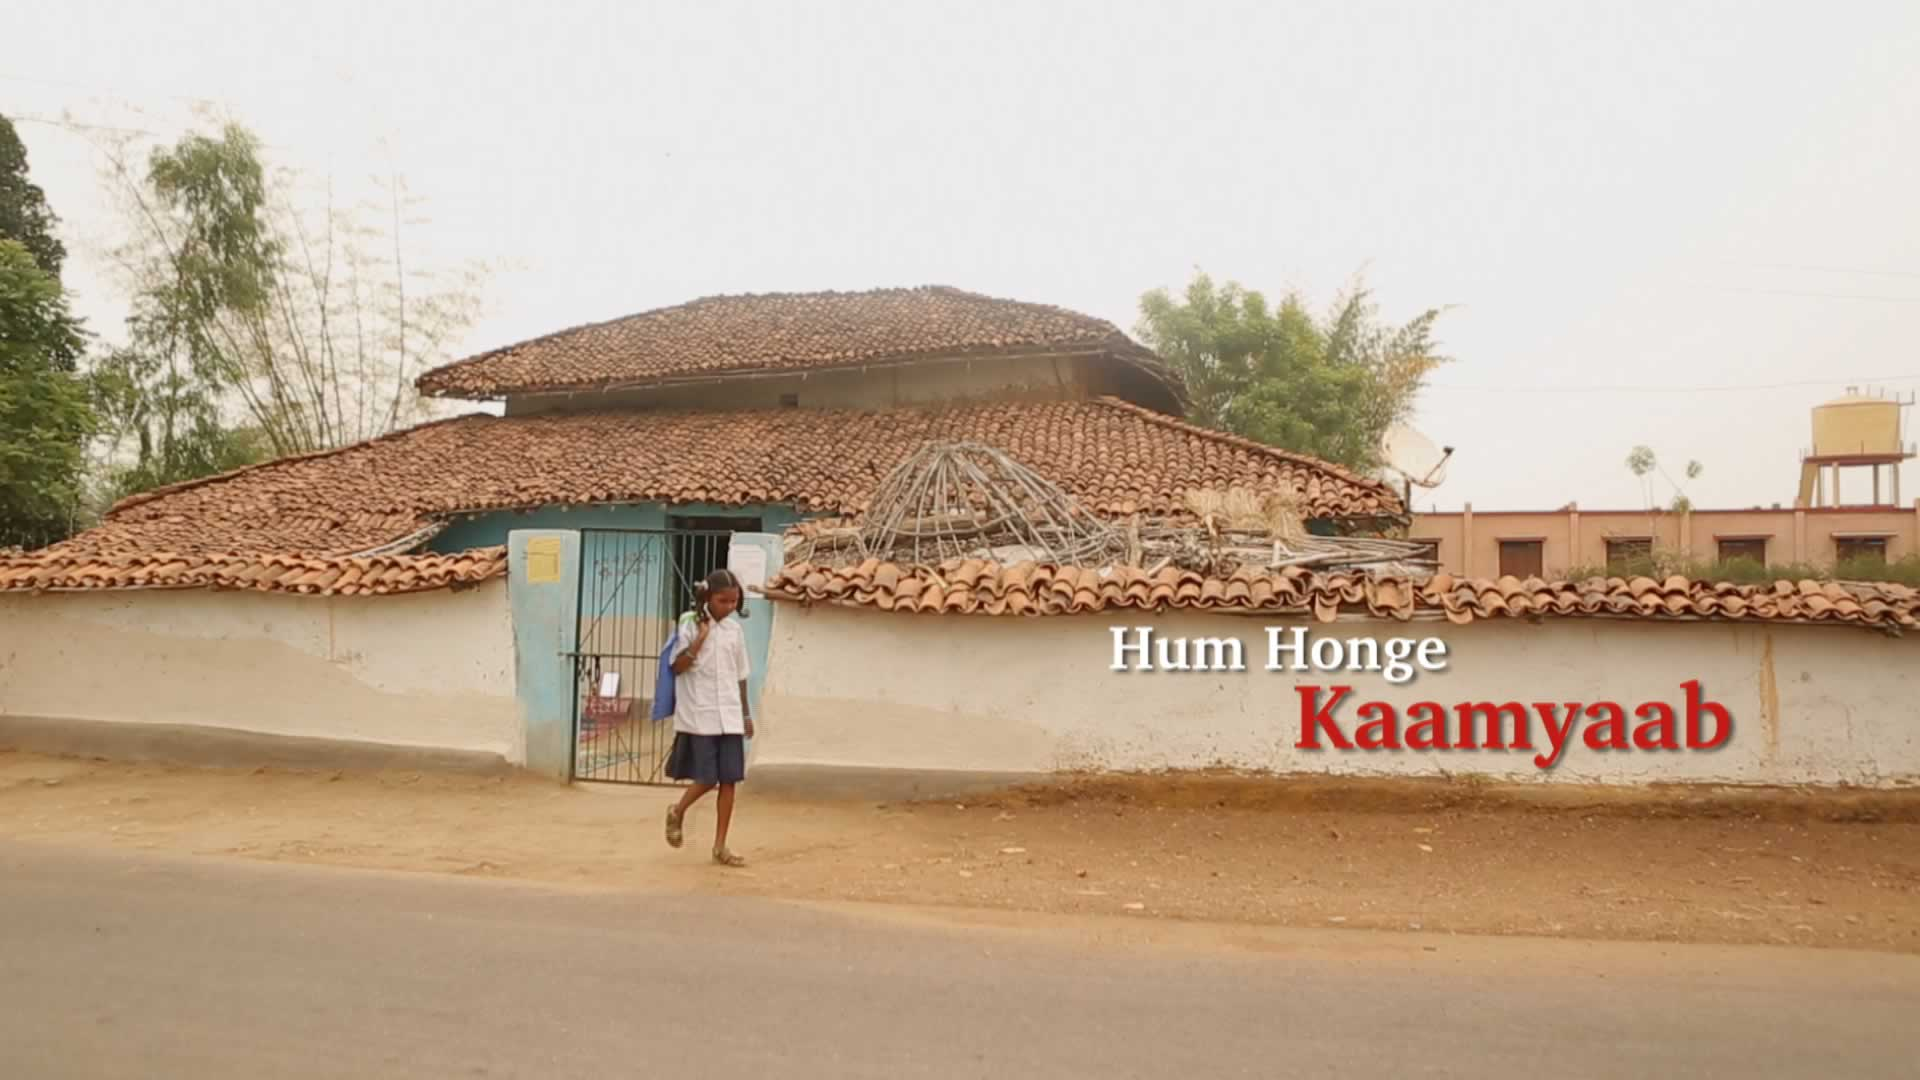 Hum Honge Kaamiyaab